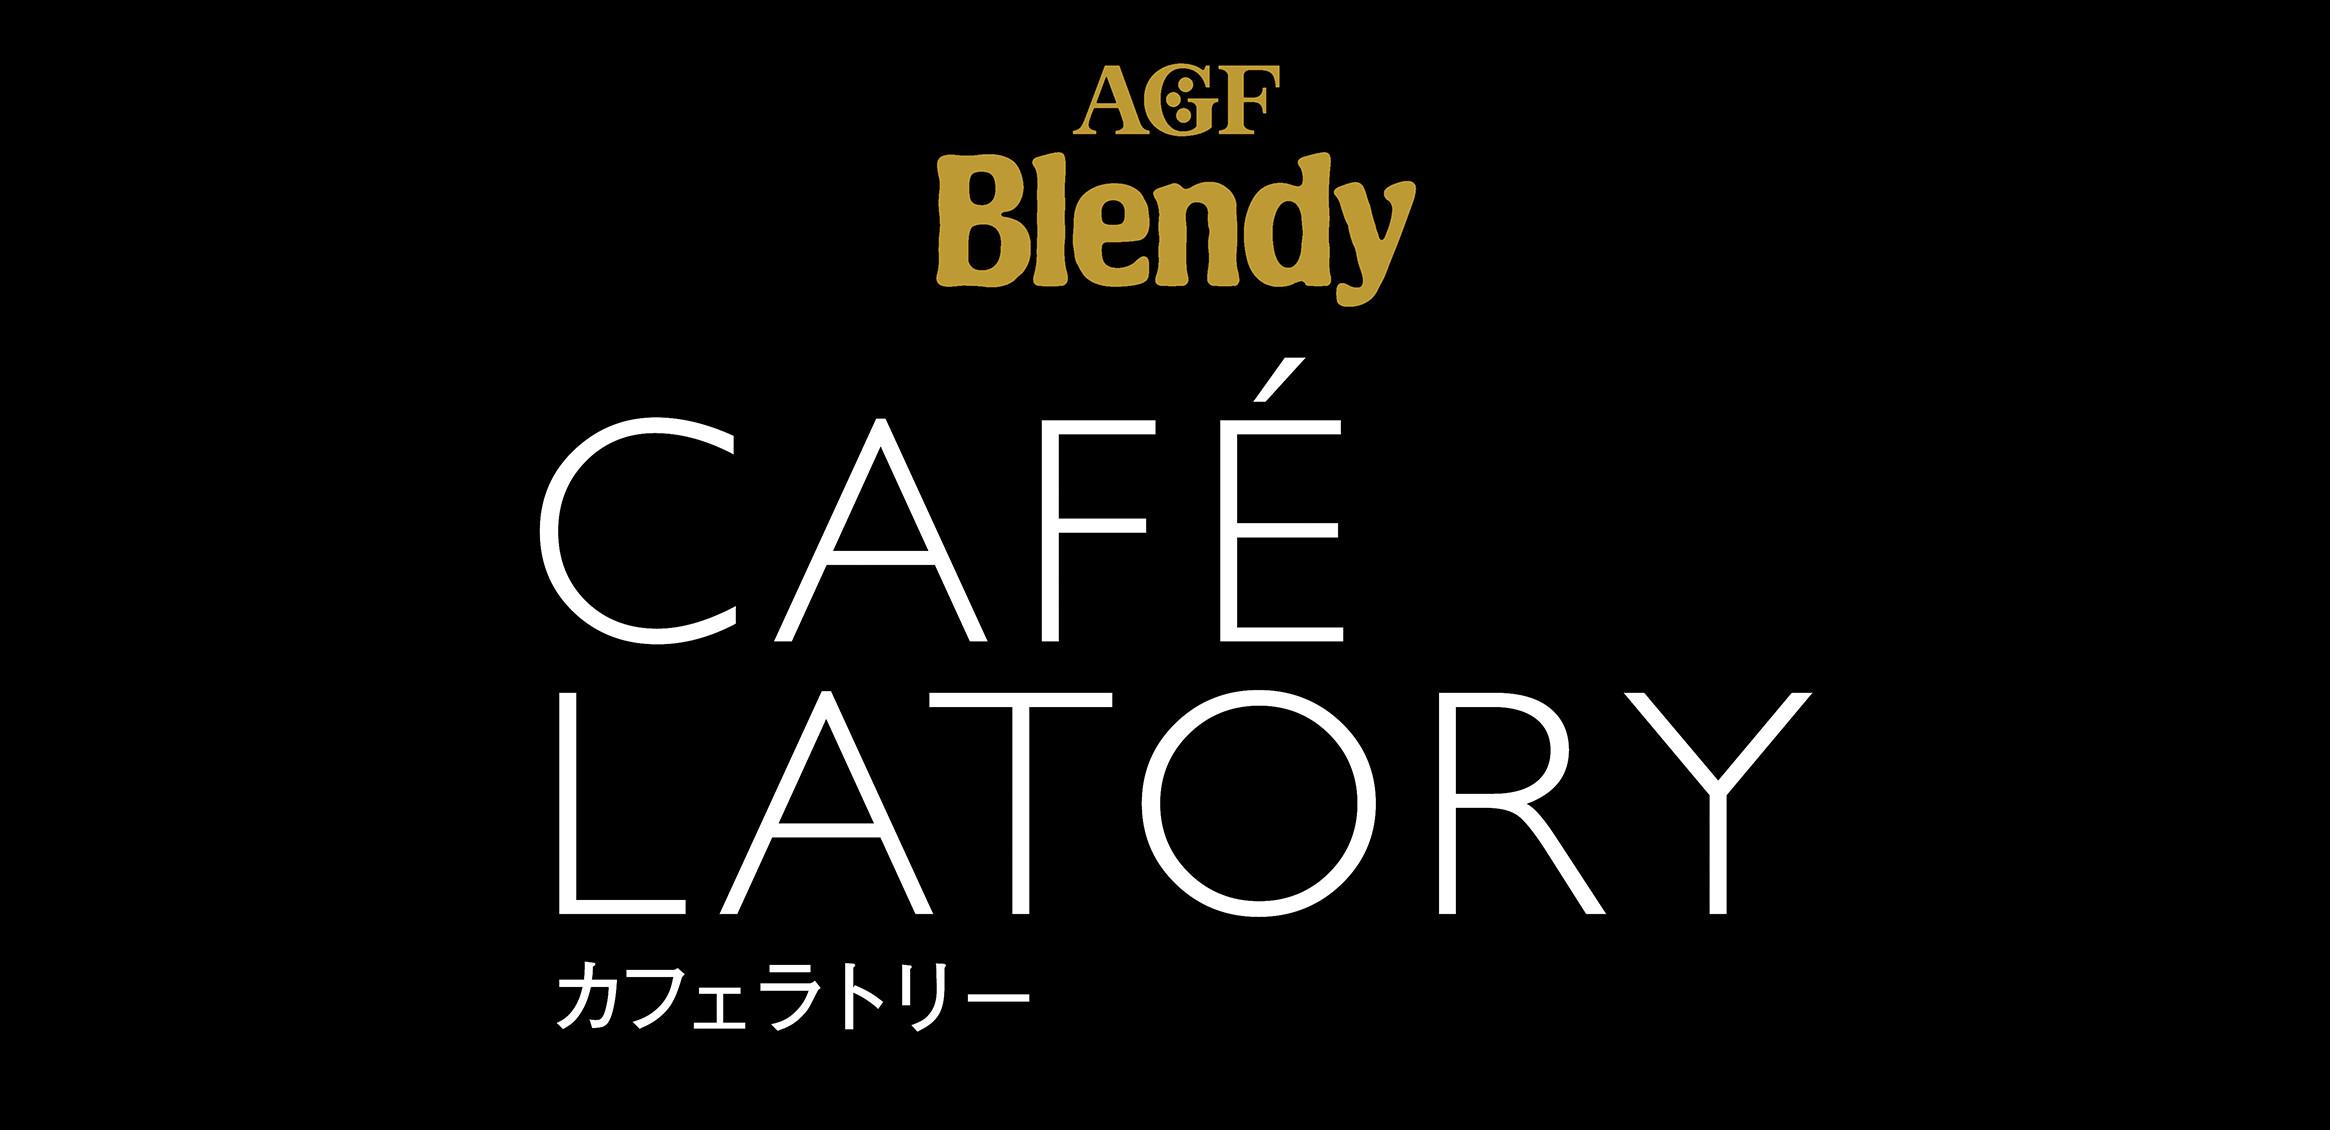 CAFÉLATORY0枚目